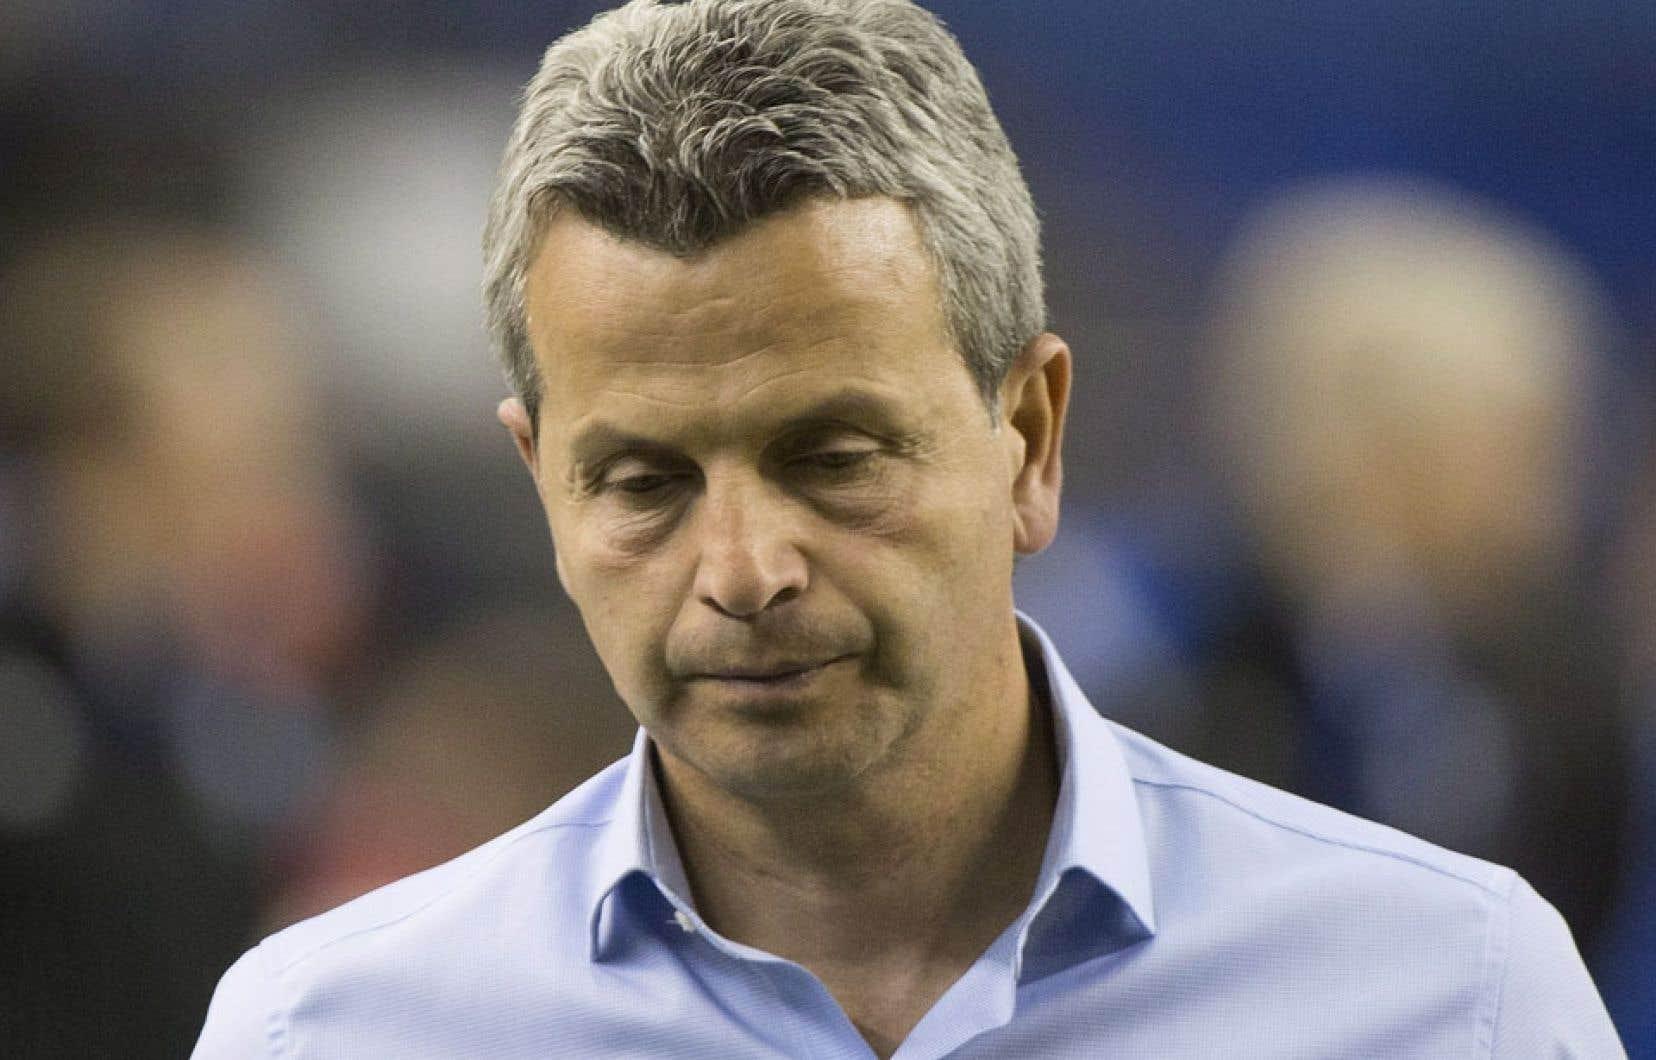 meilleur entraîneur de rencontres Chicago ce site de rencontres utilise des clins d'œil